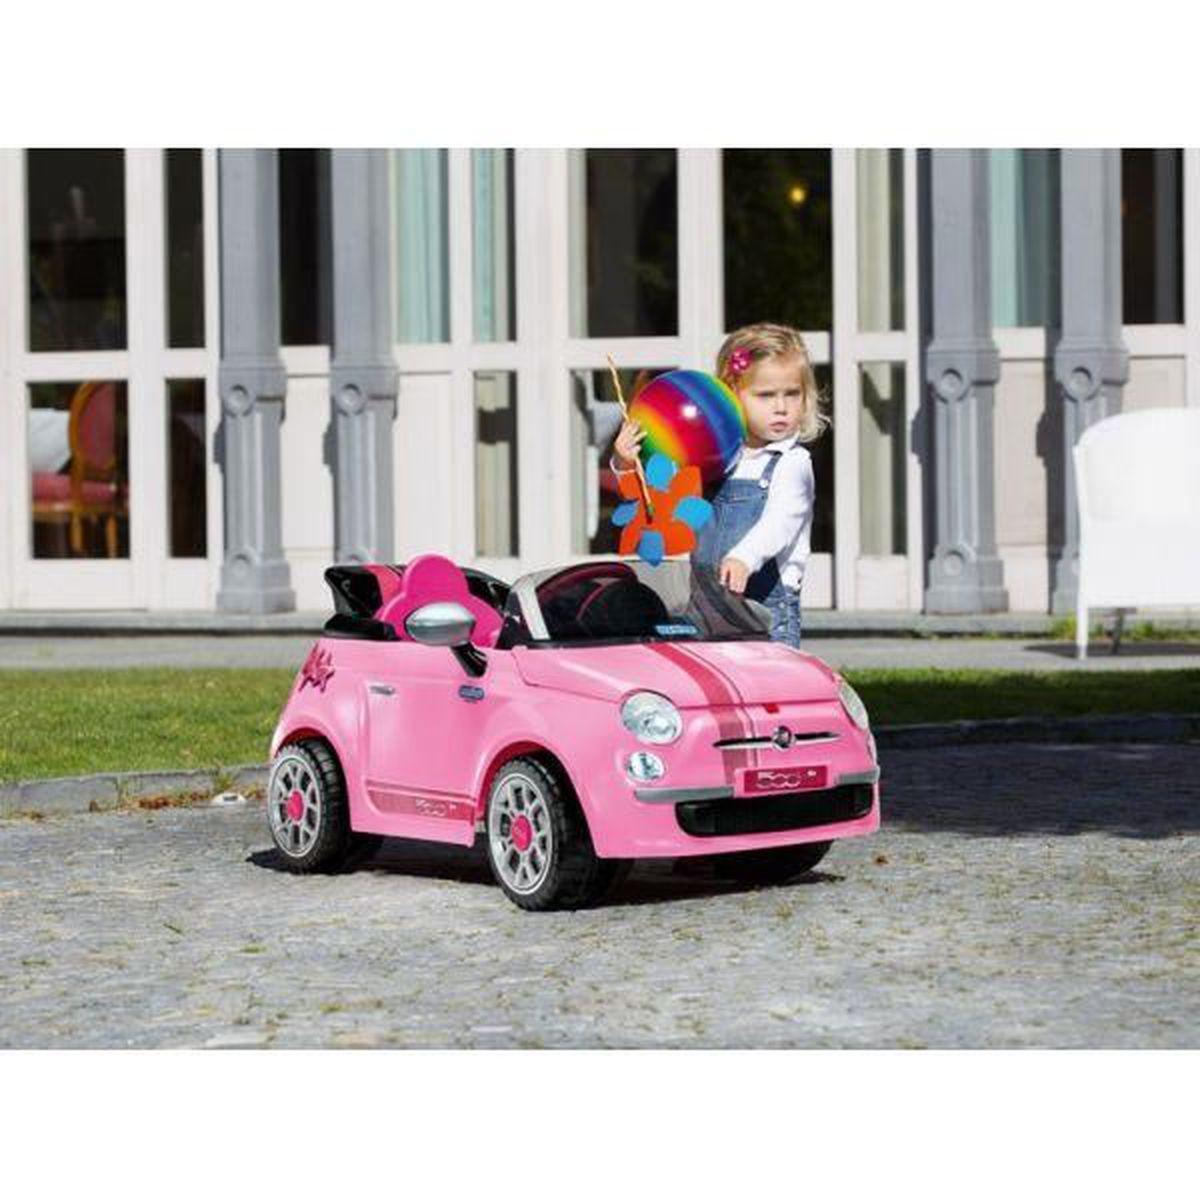 Voiture Electrique Enfant Fiat 500 S Rose 113 Cm Achat Vente Voiture Electrique Enfant Cdiscount